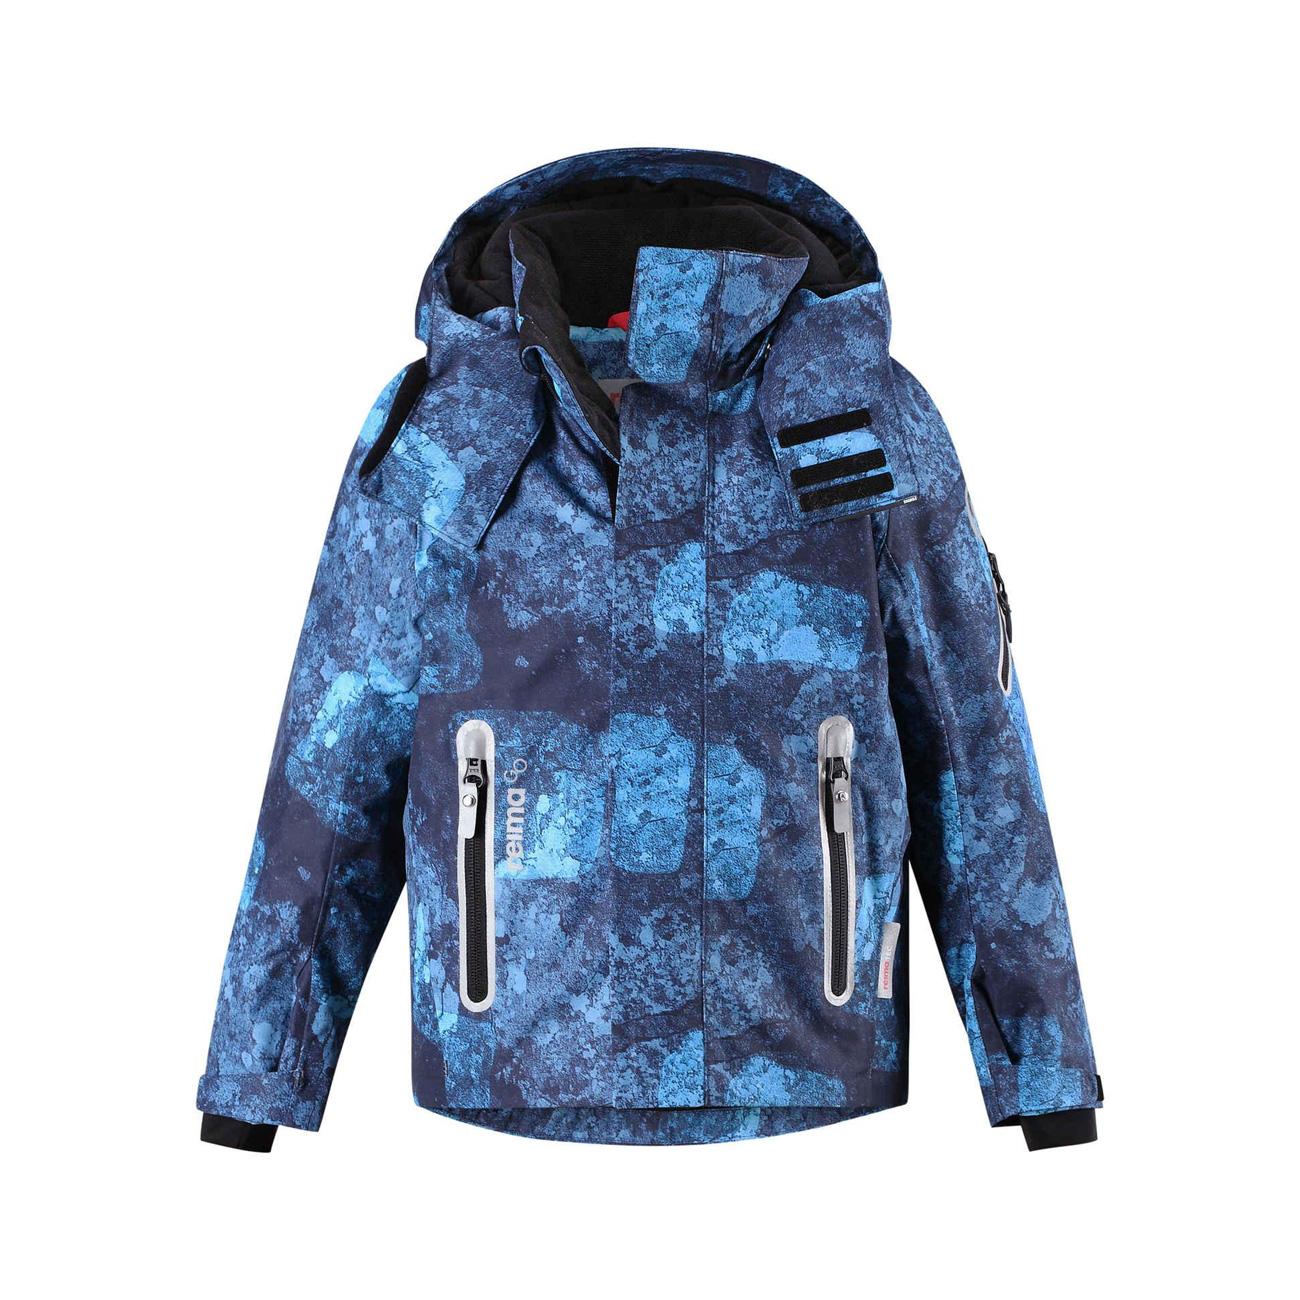 6c93997458 Reima Tec Kid s Winter Regor Jacket- Navy